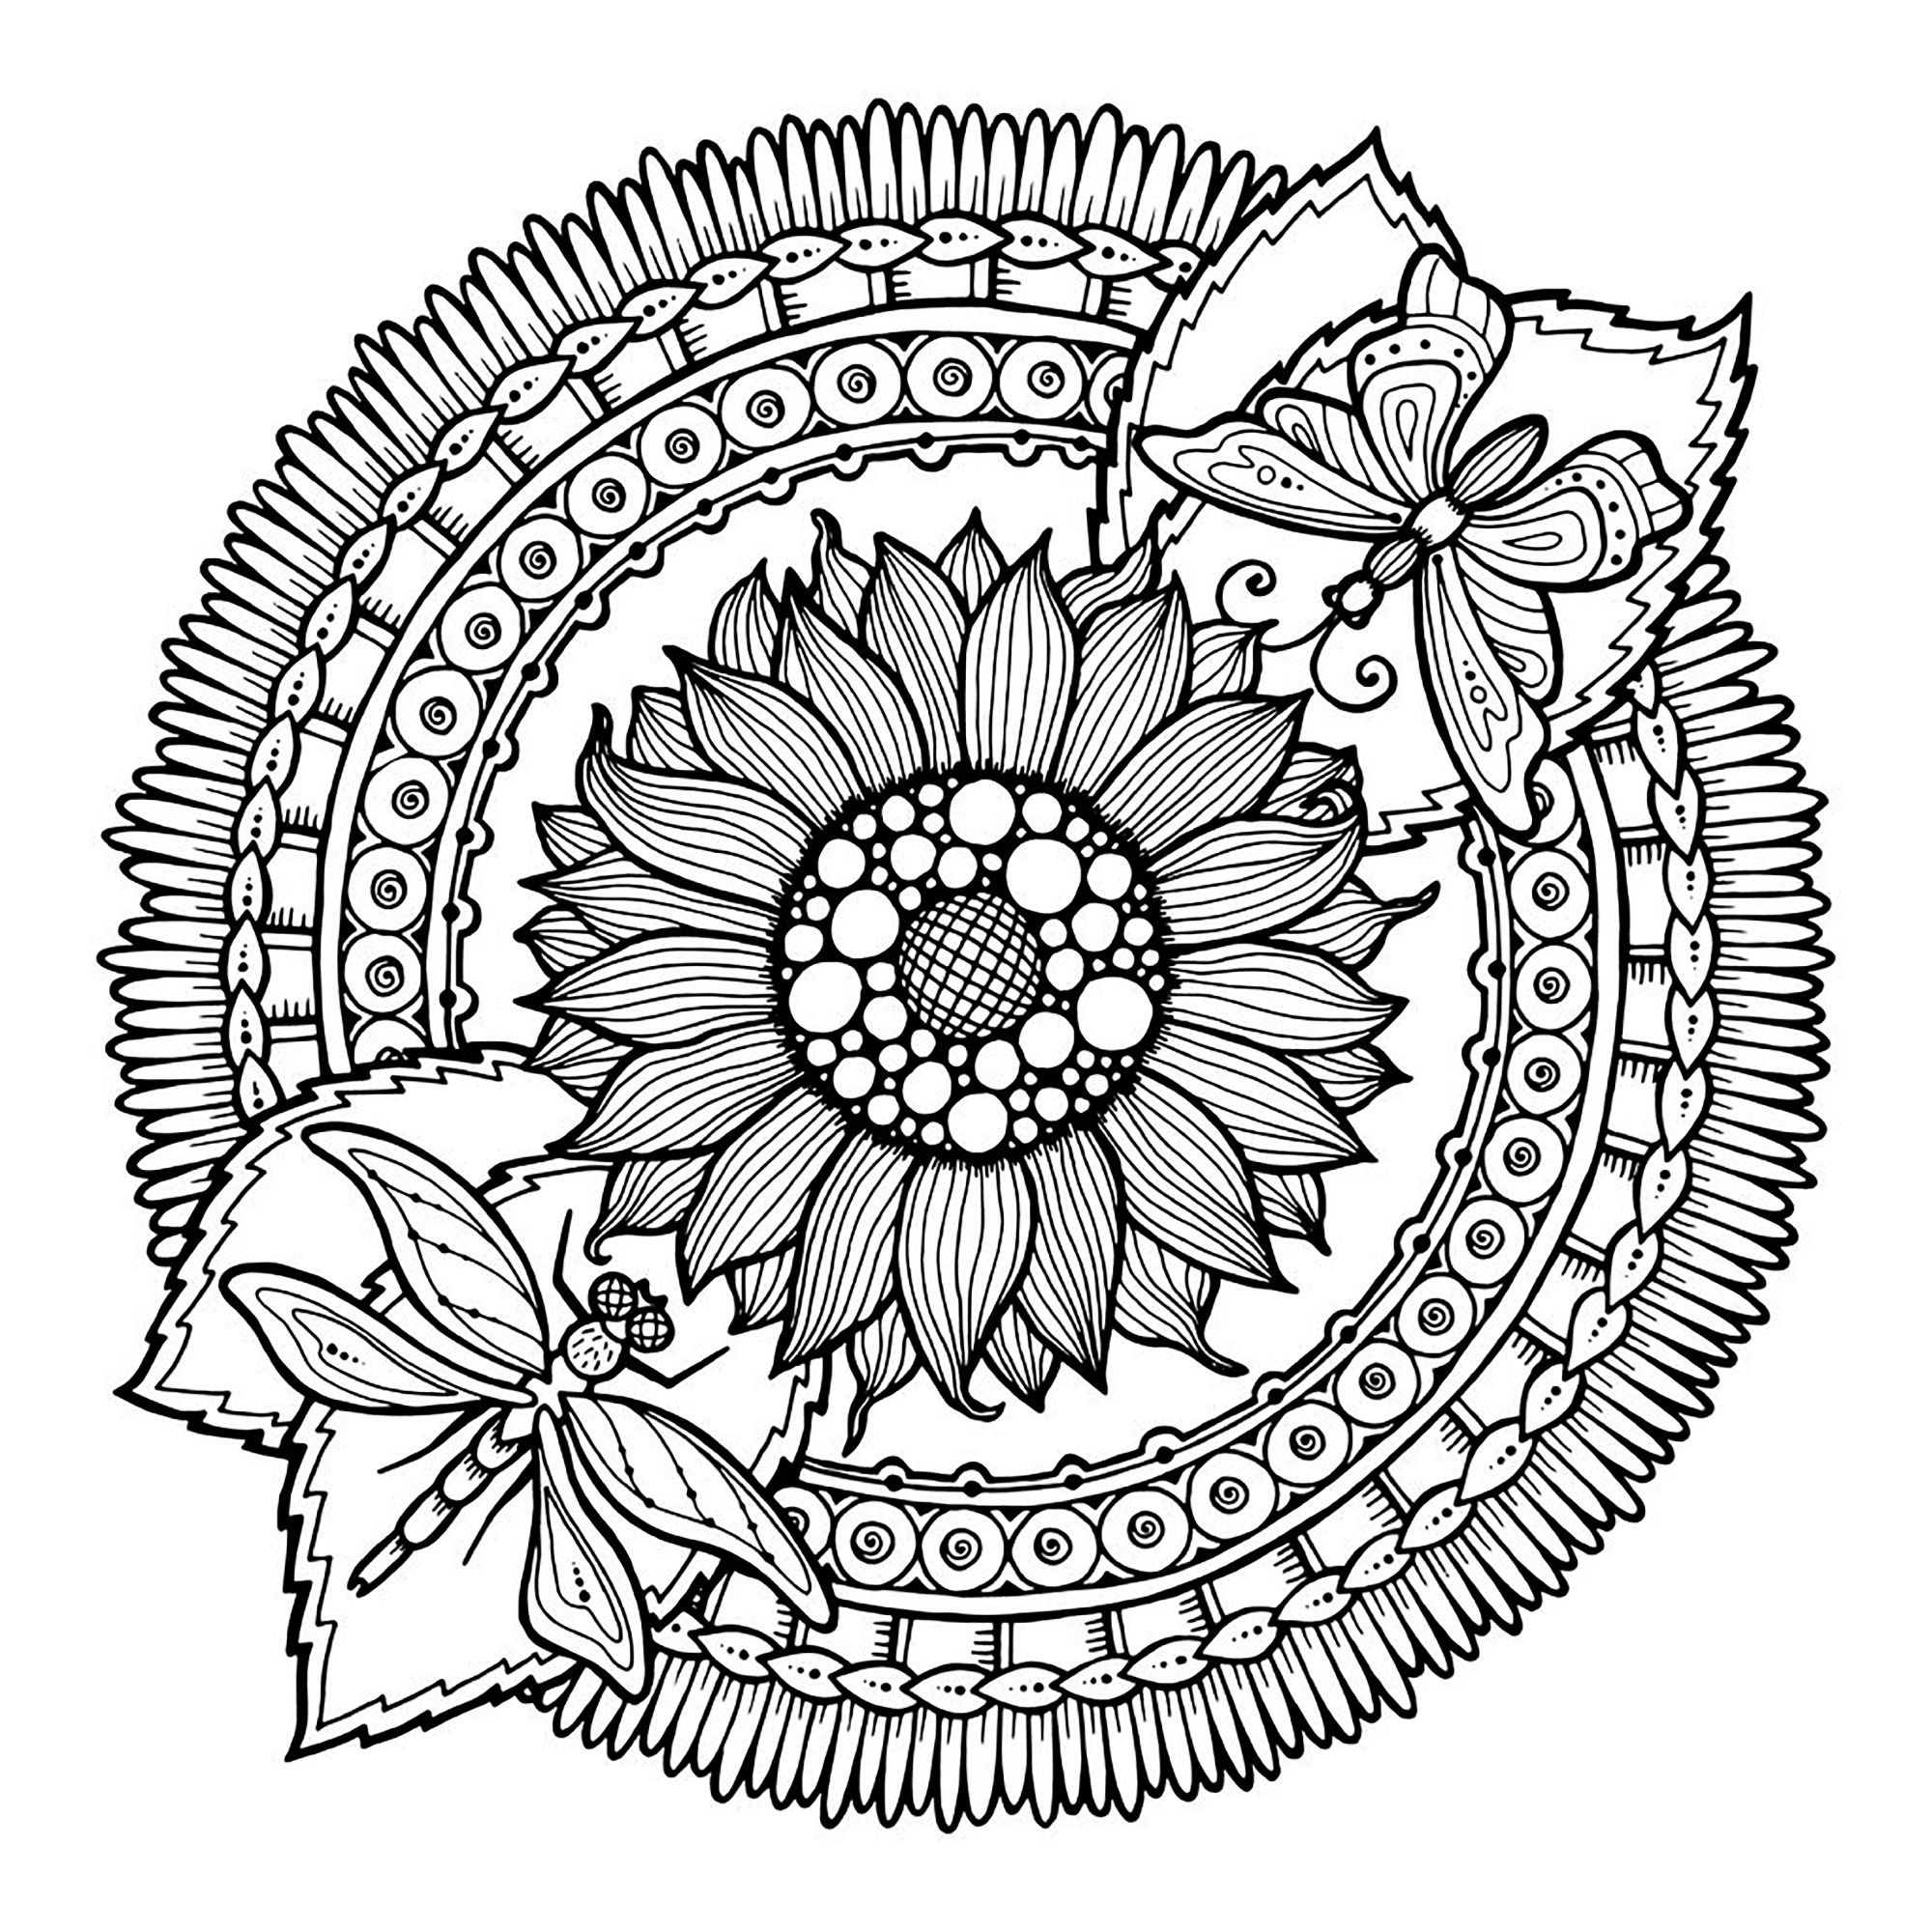 Facile mandala fleurs et papillon coloriage mandalas coloriages pour enfants - Coloriages mandalas fleurs ...